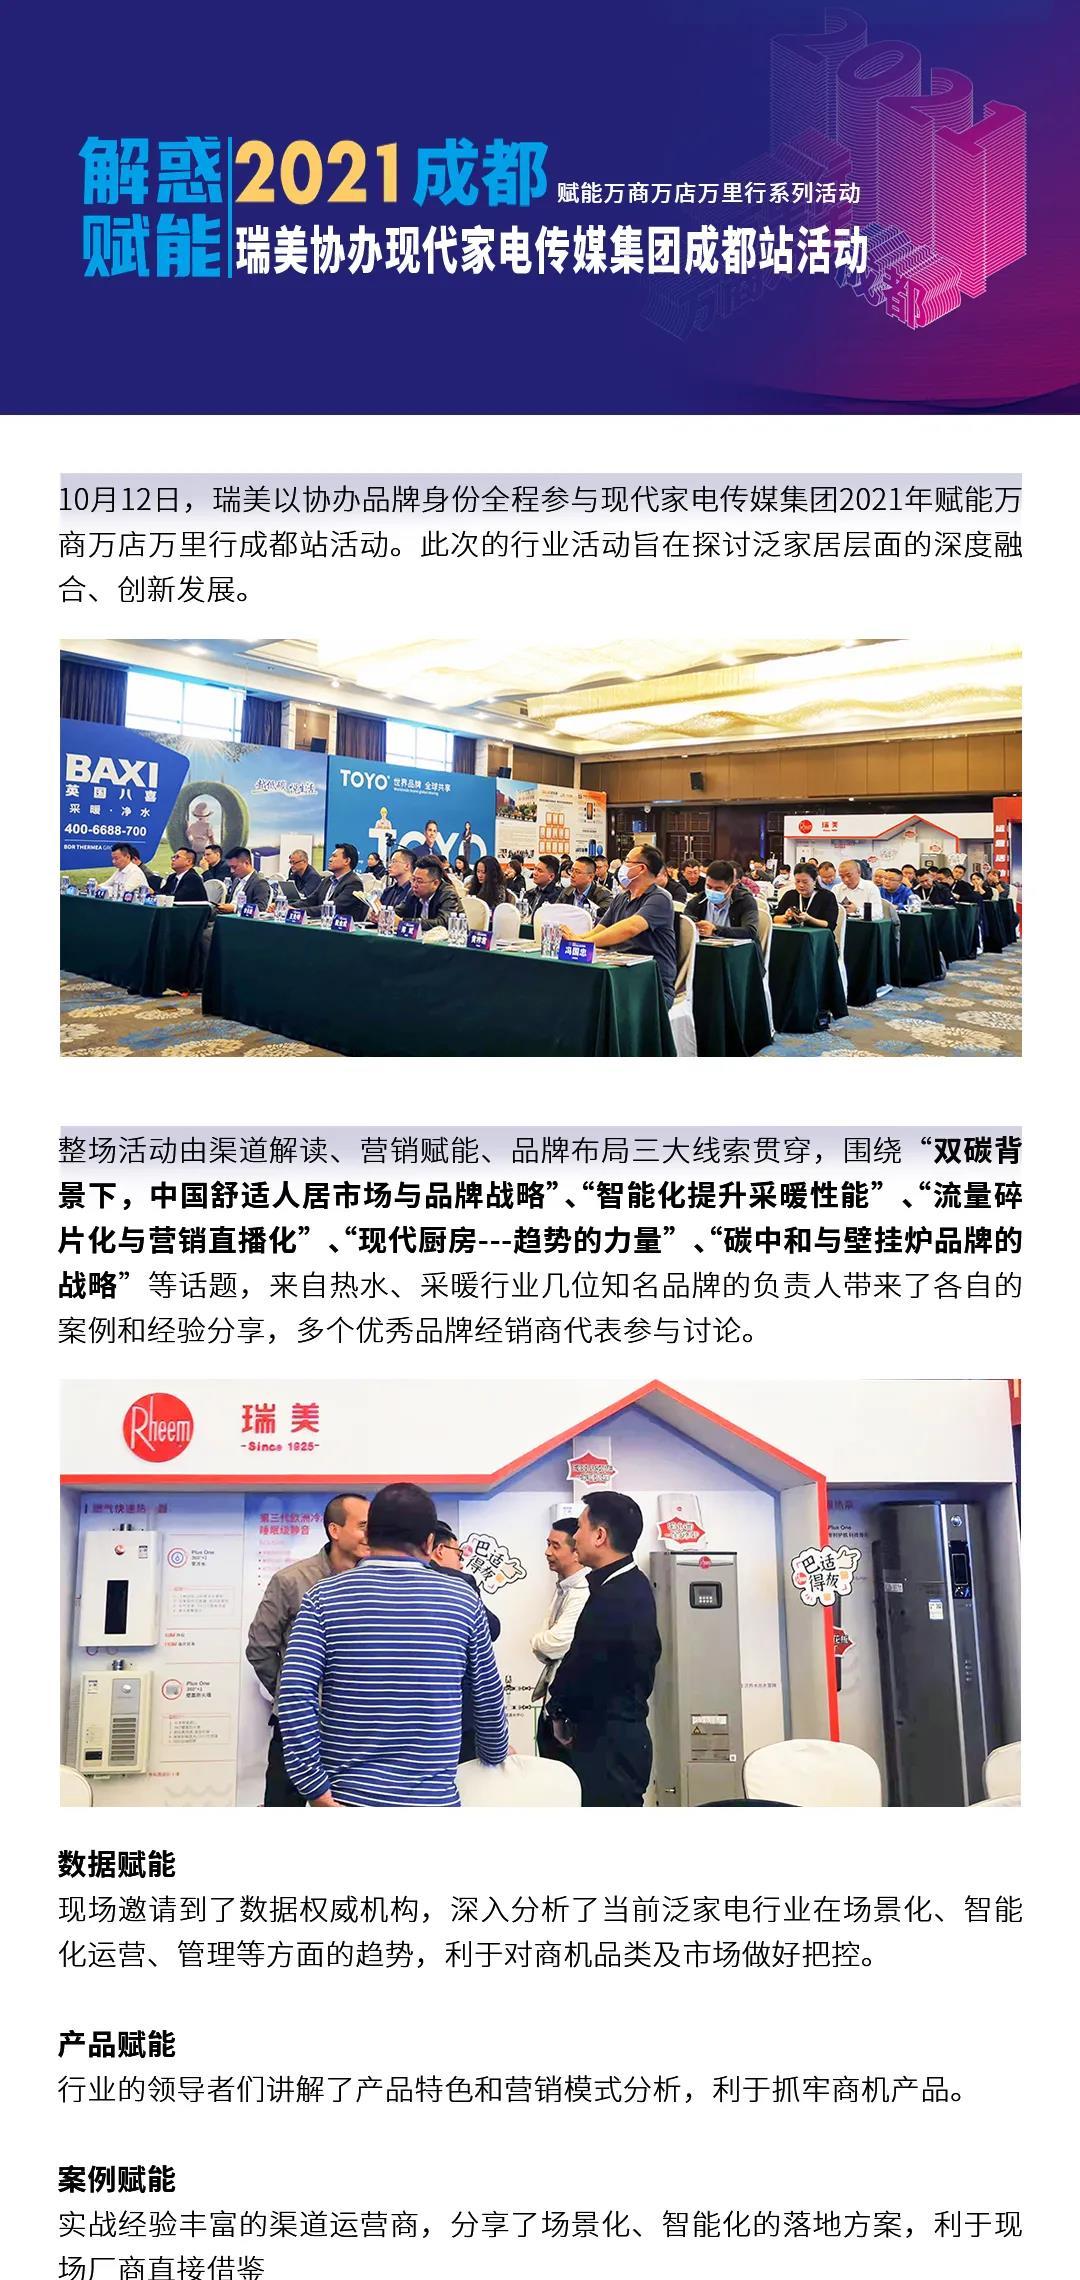 瑞美中国舒适人居市场的智能化进程